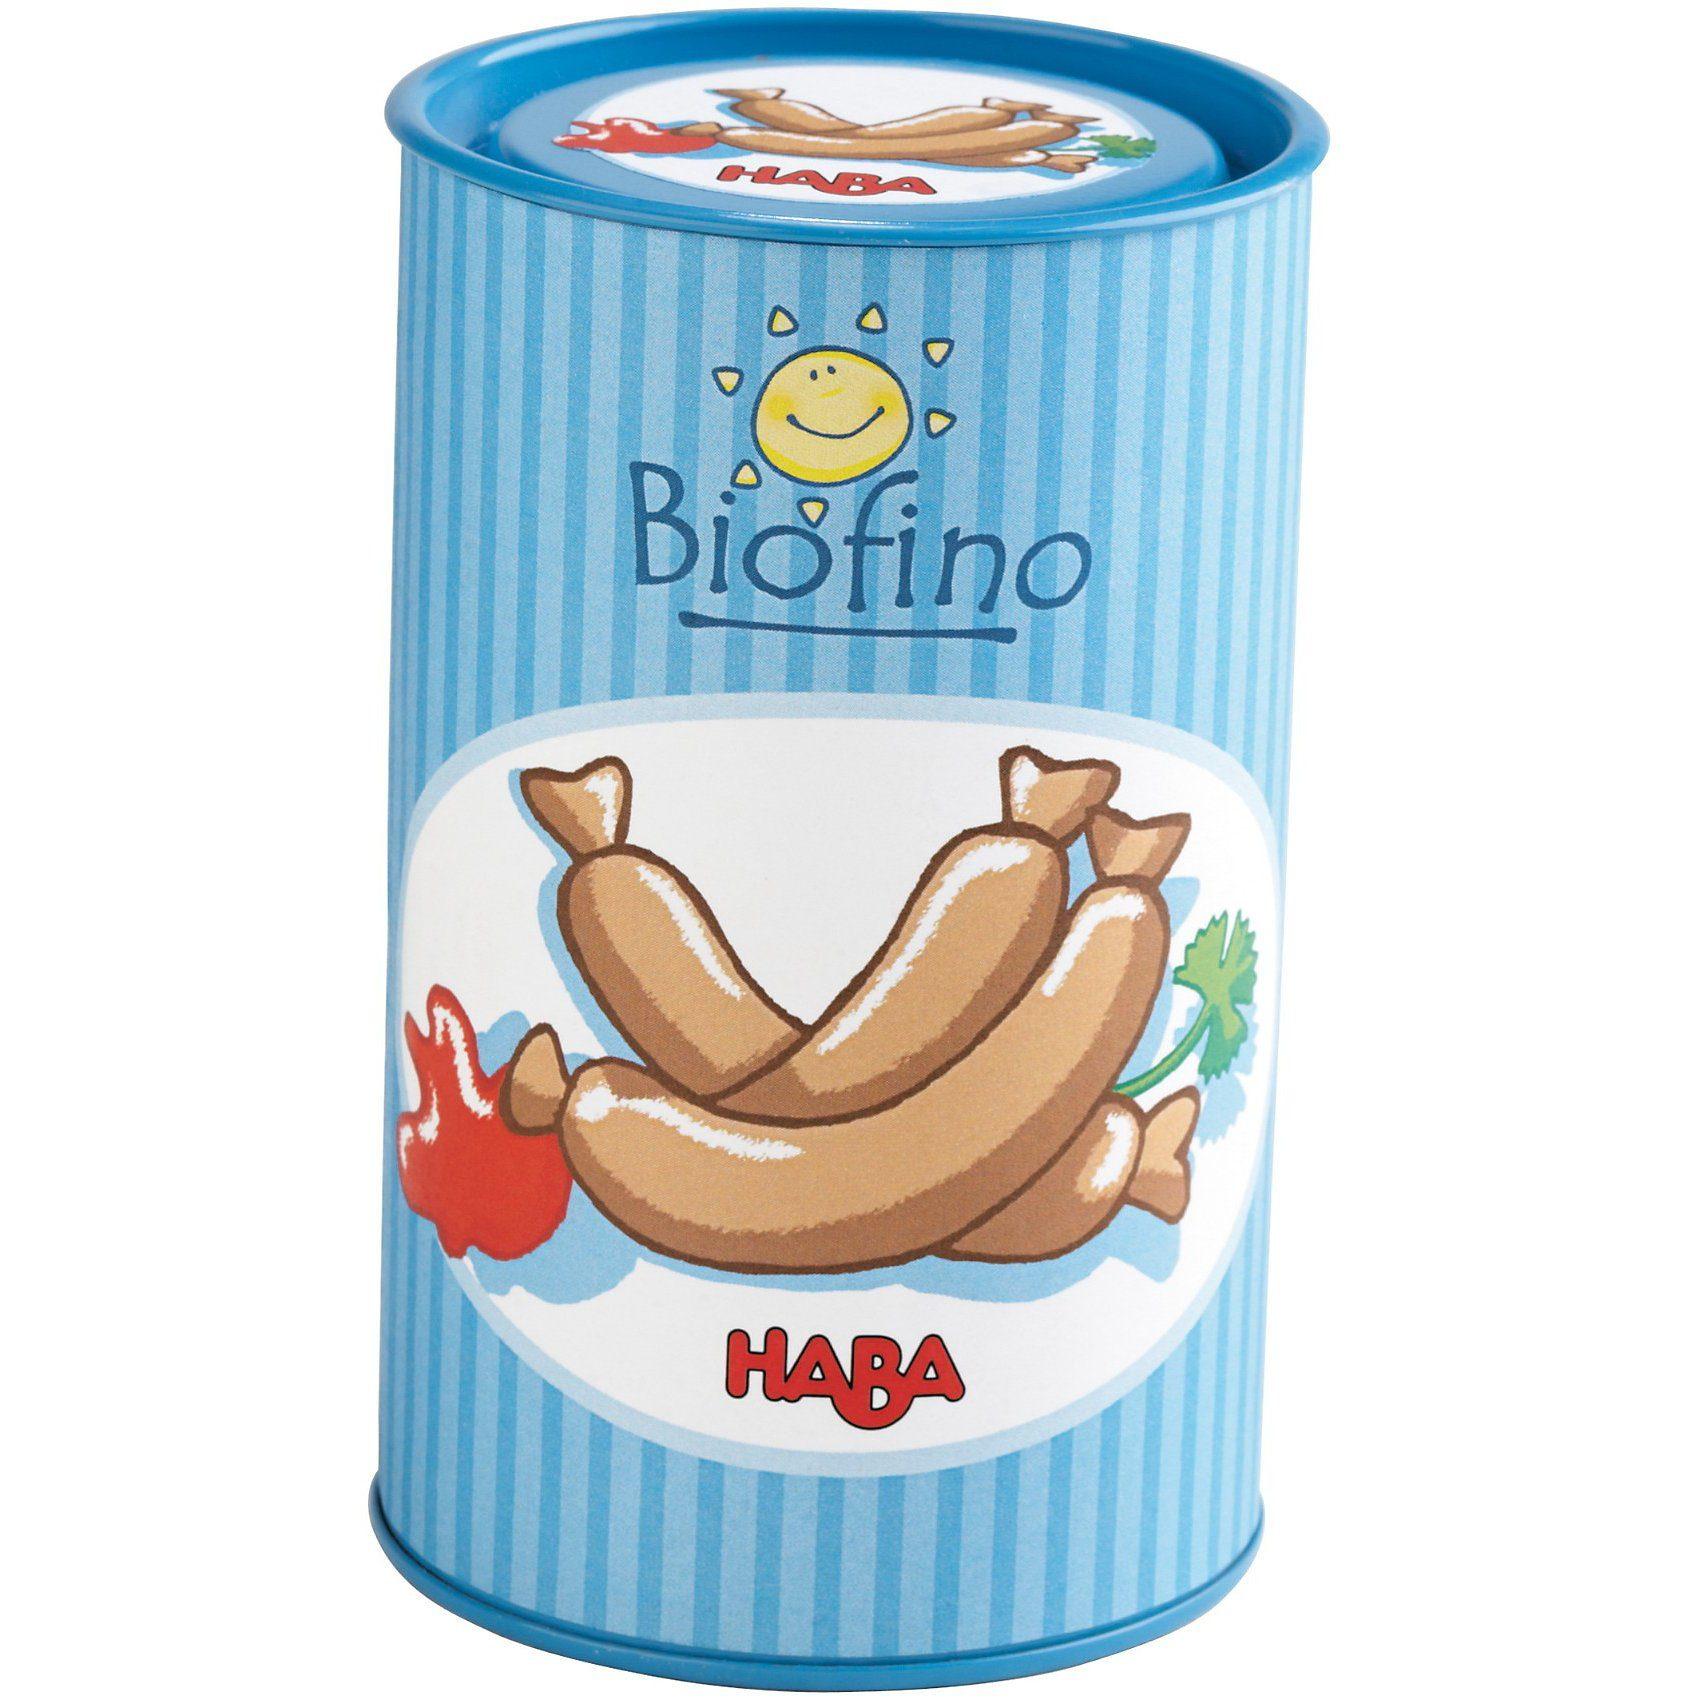 Haba 5179 Biofino Würstchen in der Dose Spiellebensmittel